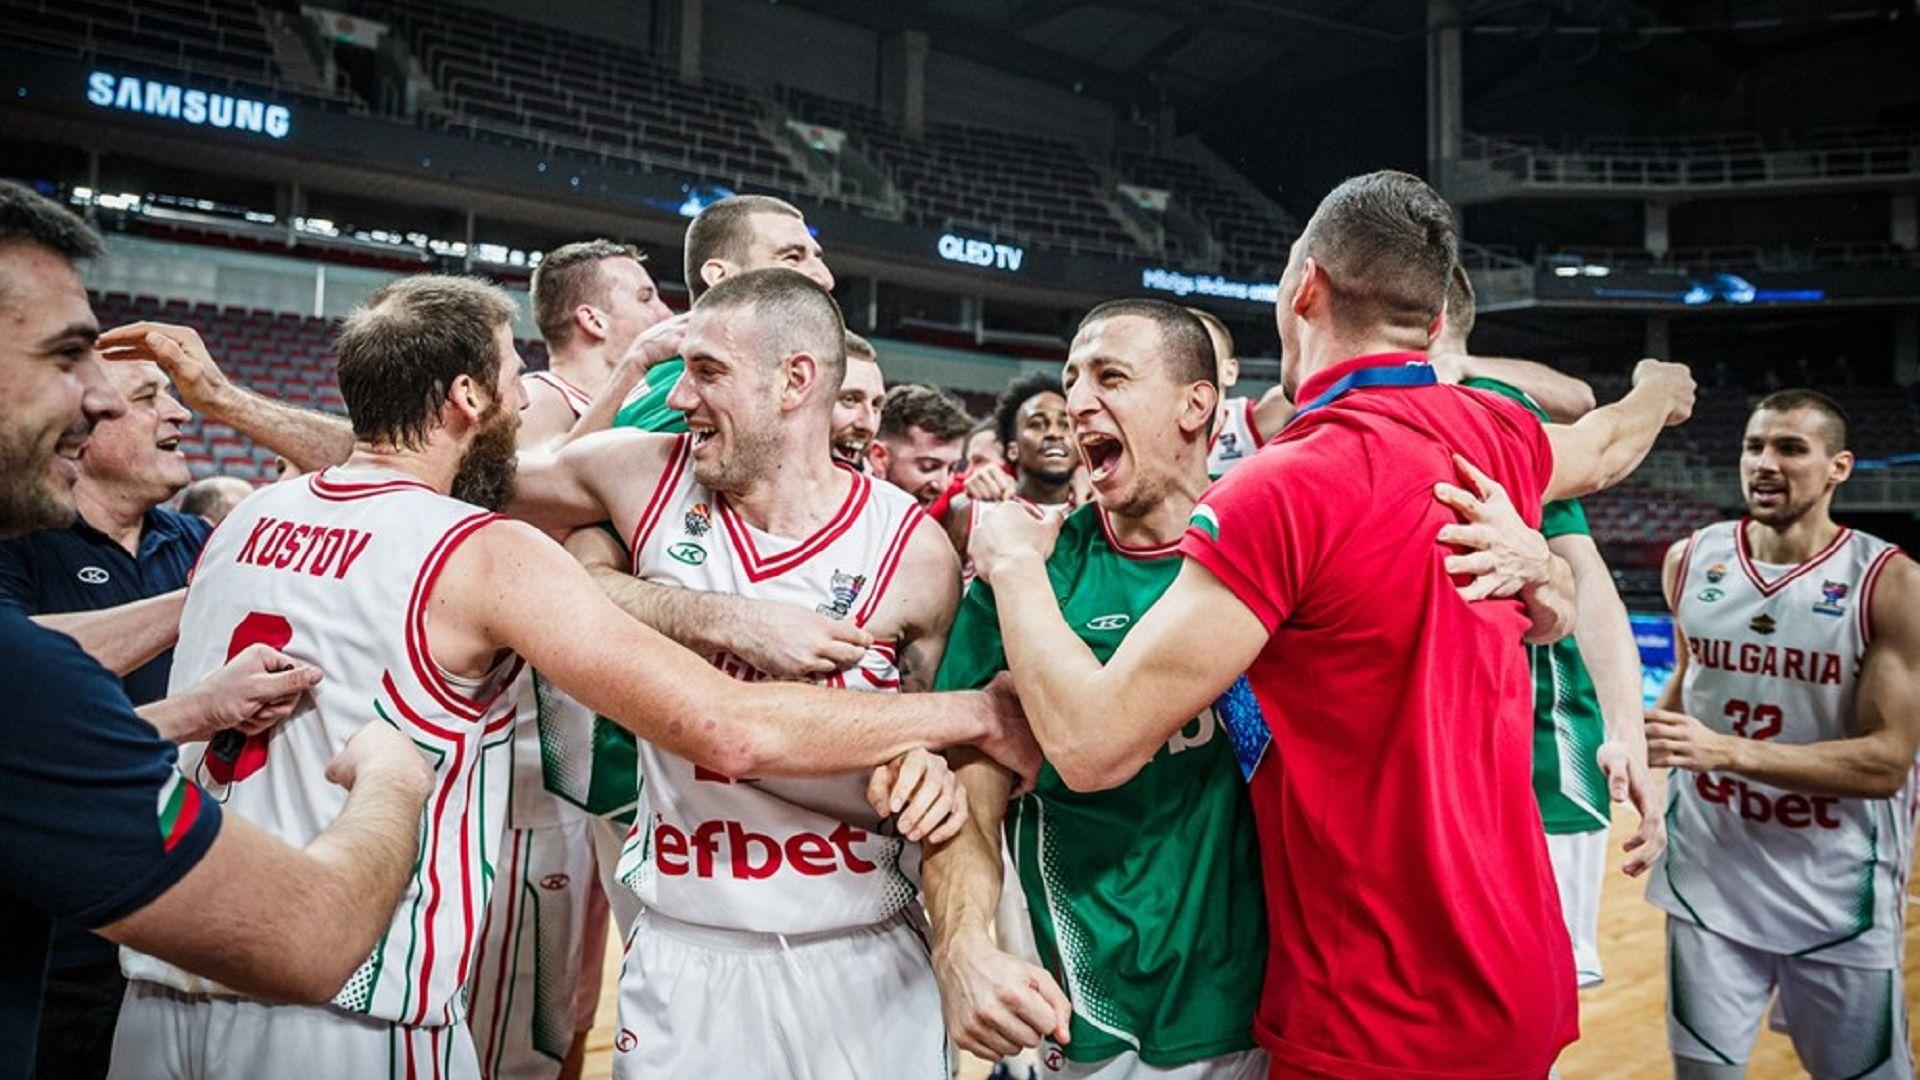 Подвигът е факт! Уникална драма прати България на Евробаскет